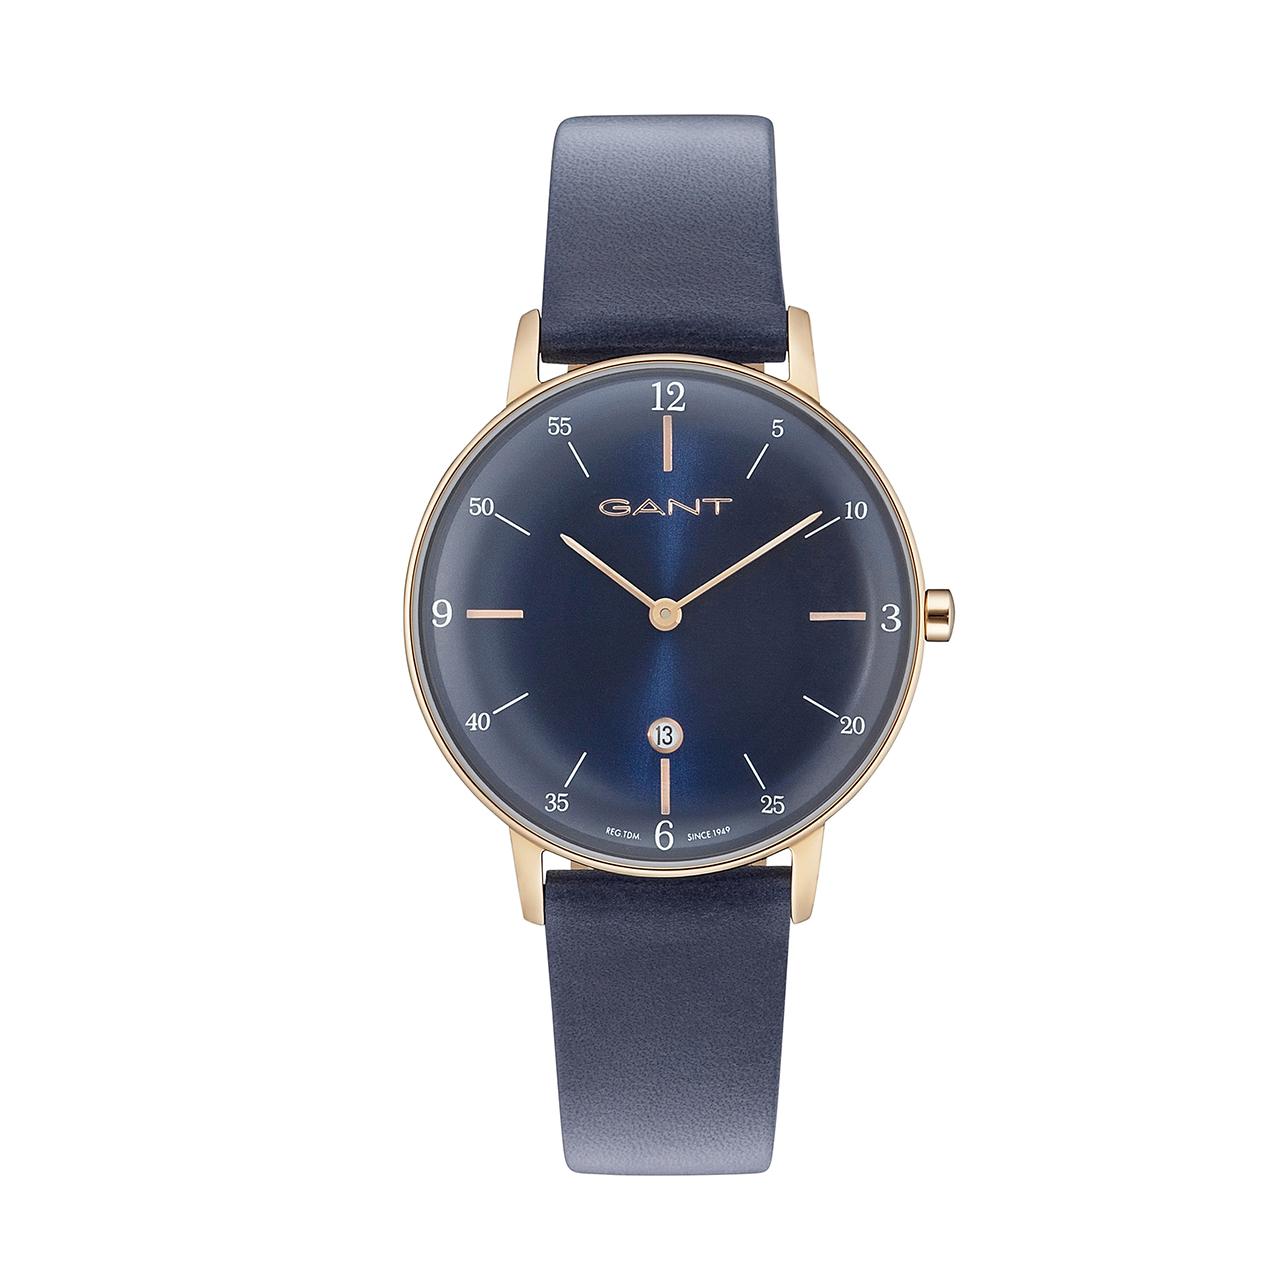 خرید ساعت مچی عقربه ای زنانه گنت مدل GW047005